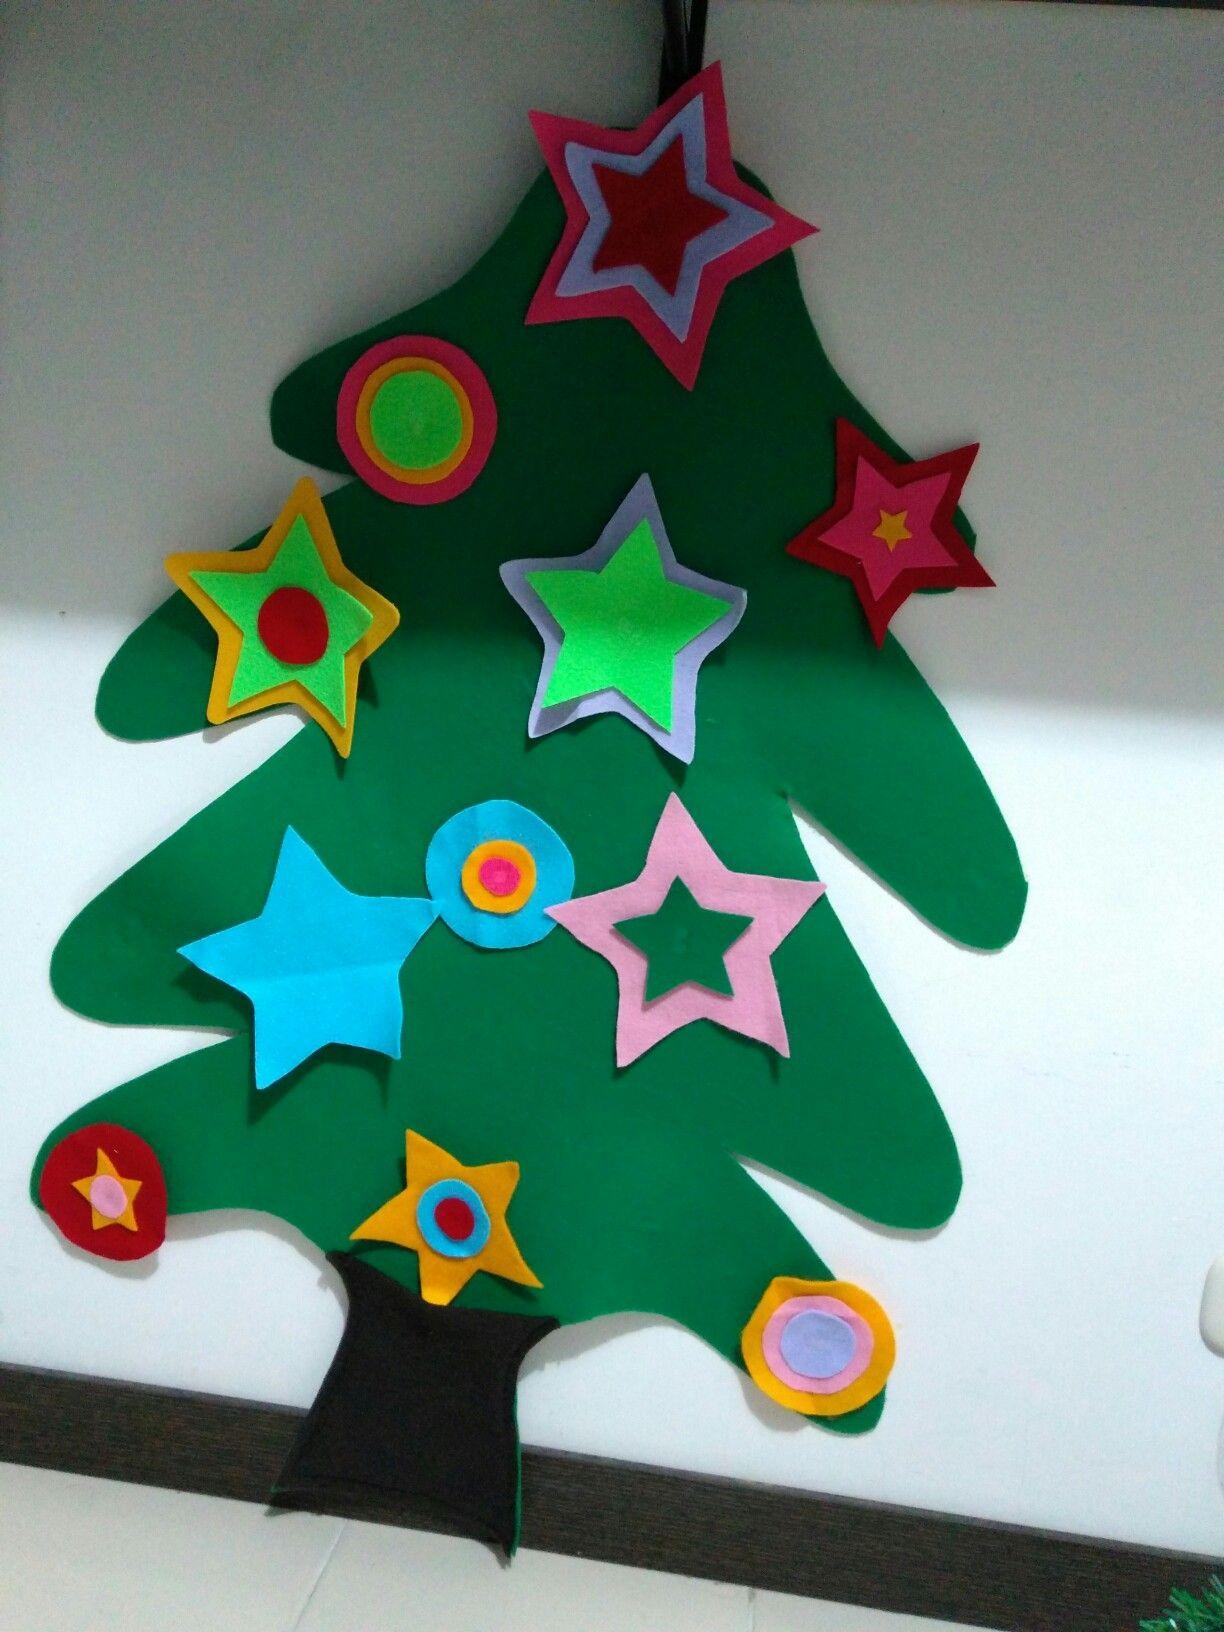 Asombroso Diseños Del Arte Del Uña De Navidad 2012 Elaboración ...